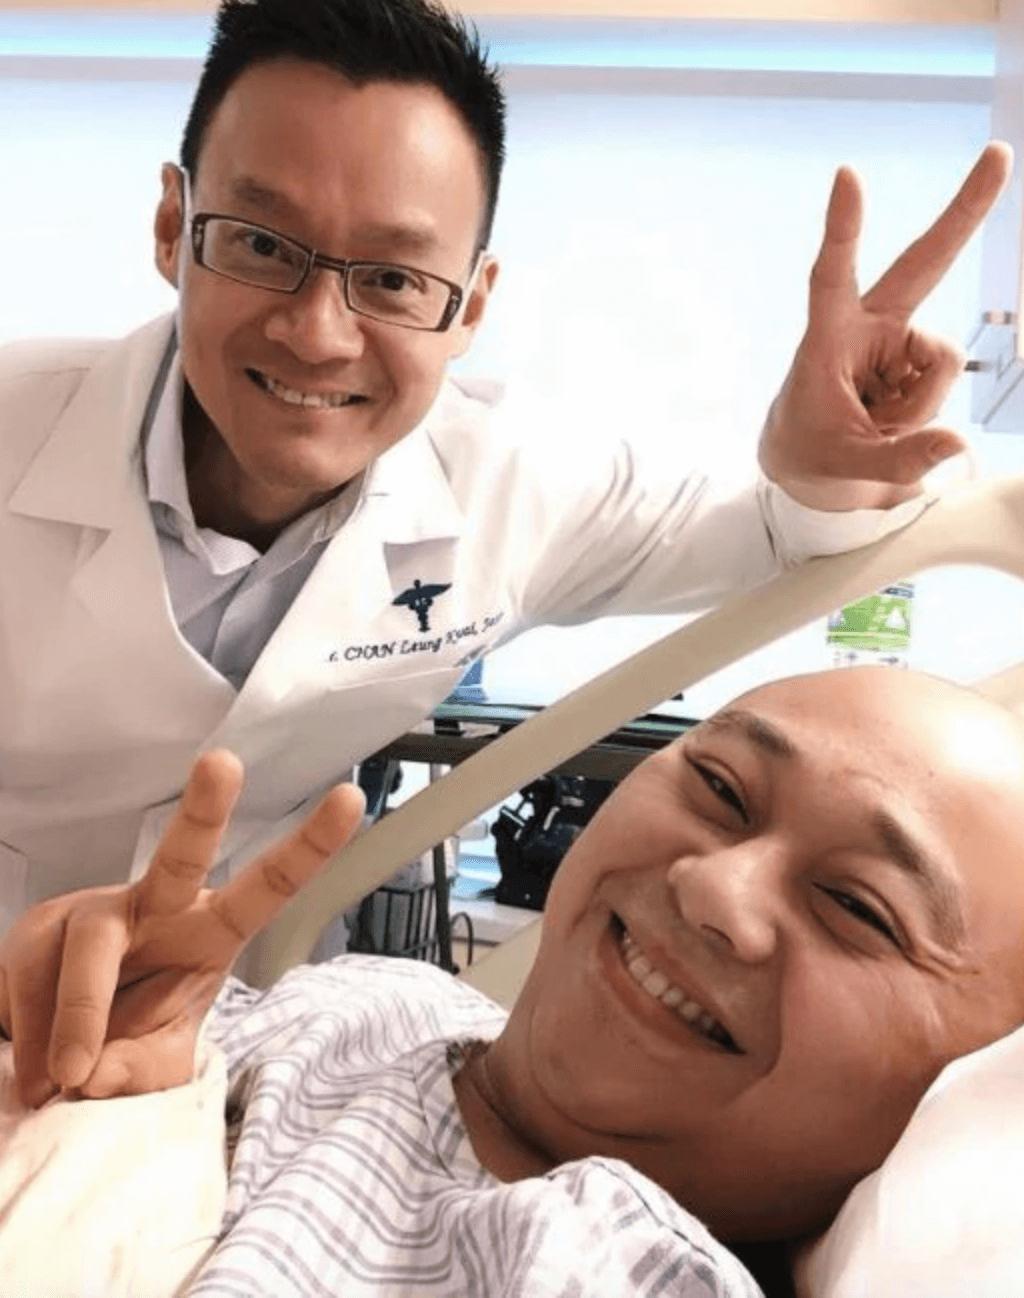 陳良貴醫生2018年曾為阿Bob做「通波仔」手術